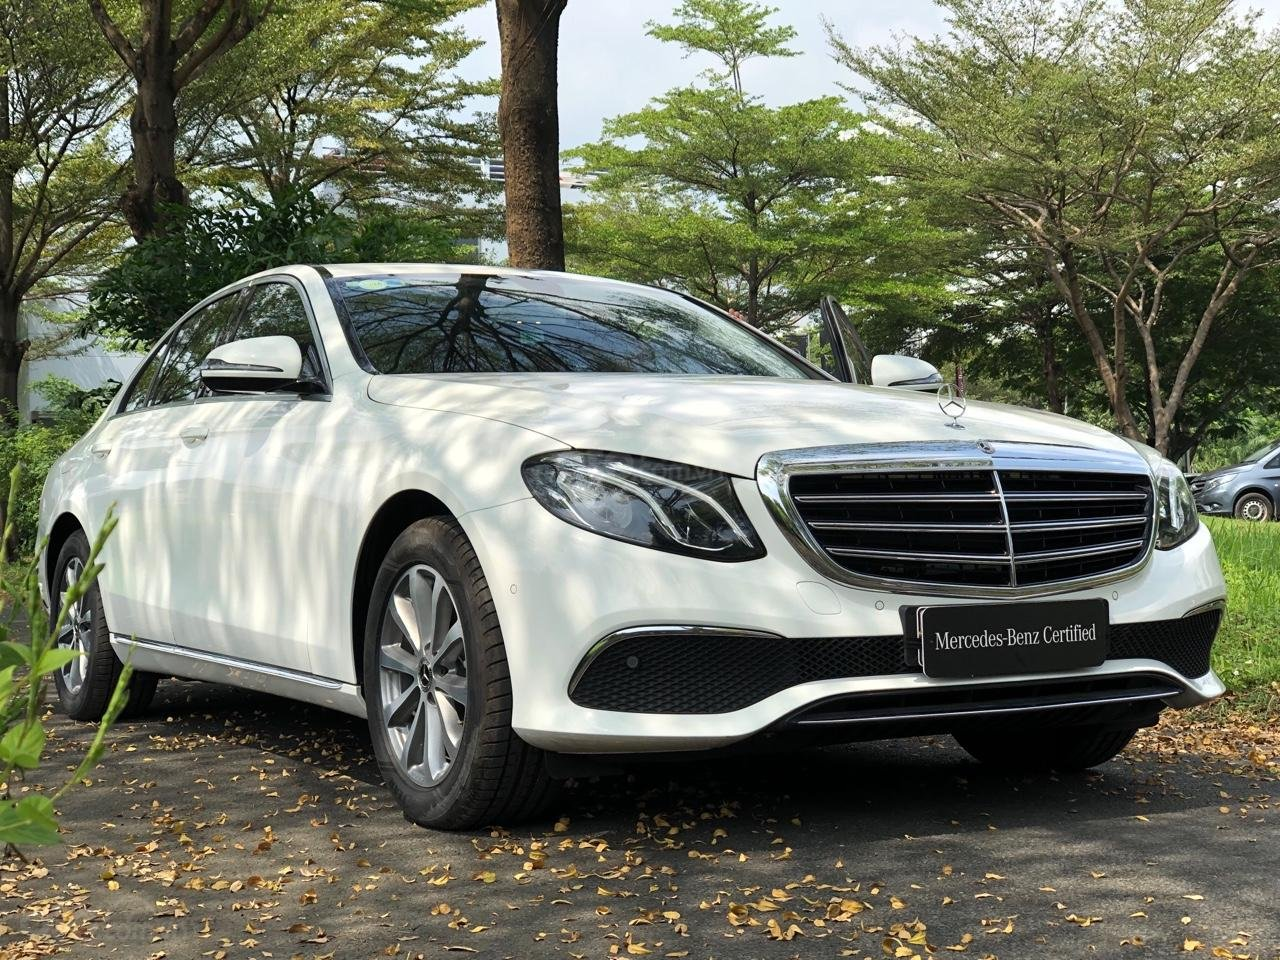 Mercedes-Benz E200 2019, chỉ 20 km, giá tốt nhất cuối năm (2)